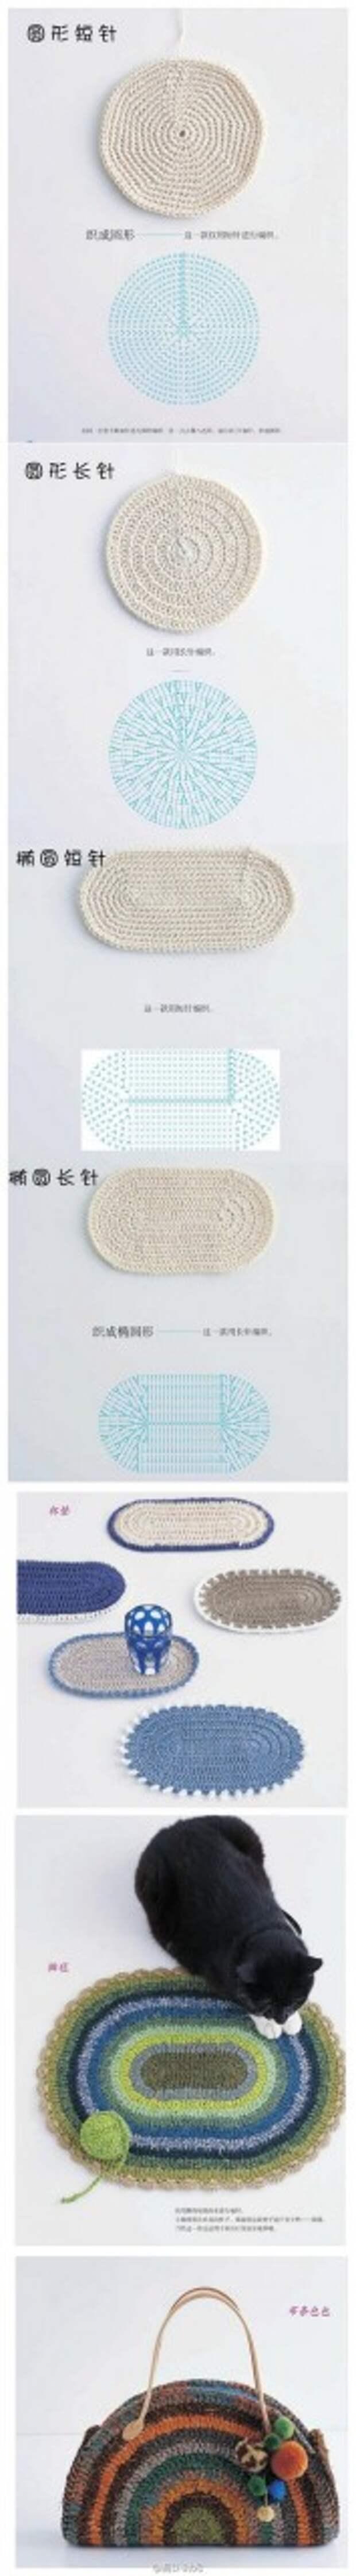 схема для вязания из старых футболок